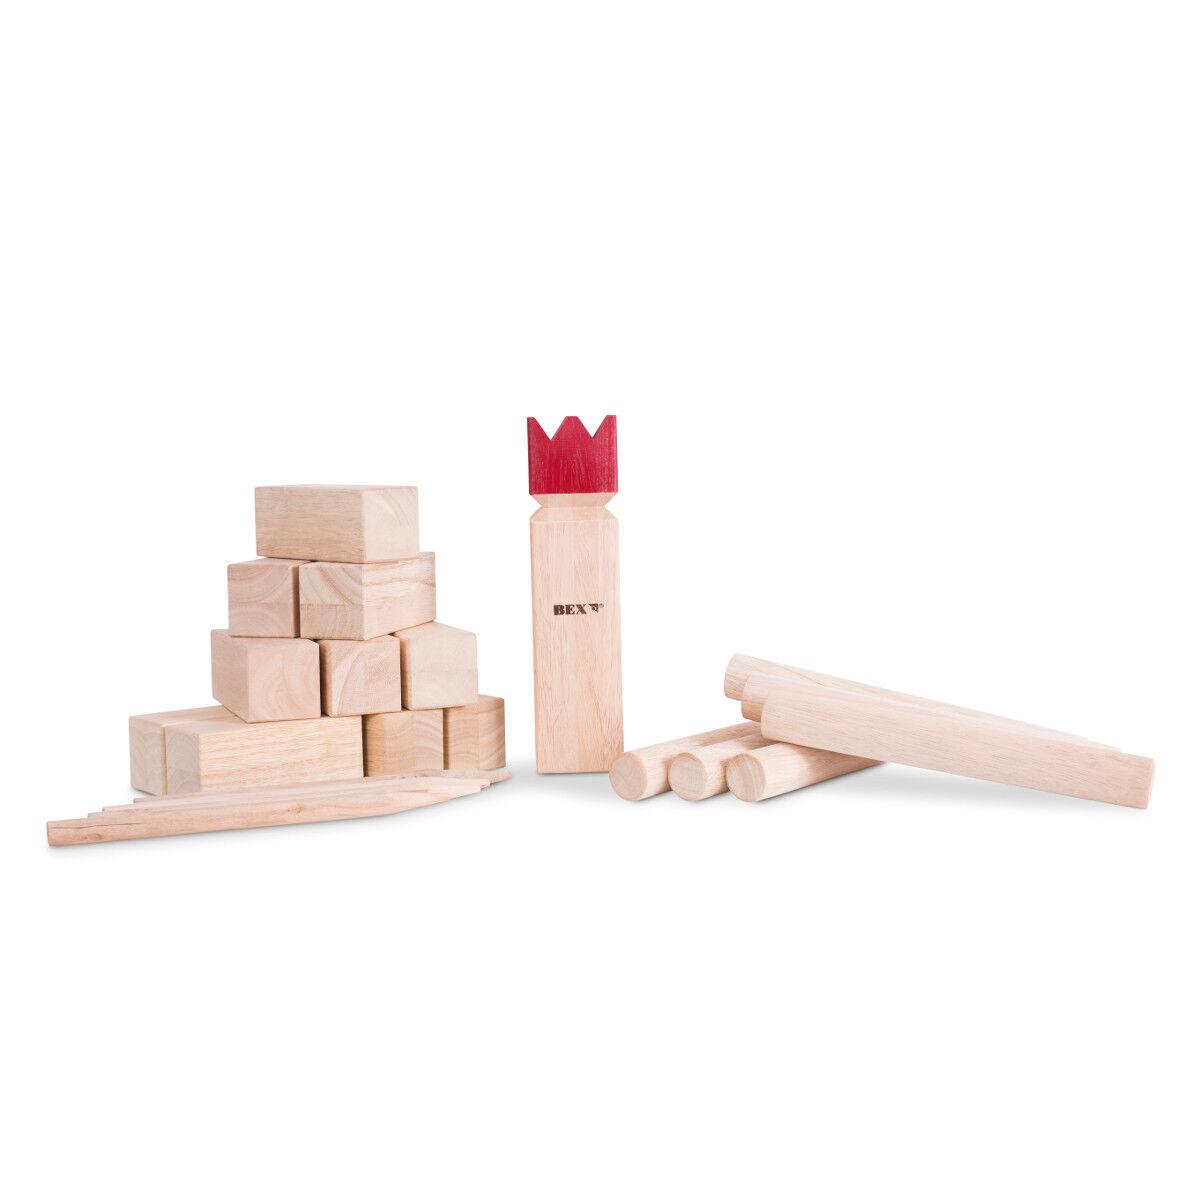 BEX Kubb Original rot King King King Gummibaum Holz Wikingerspiel Wurfspiel Gartenspiel 8a2aa8